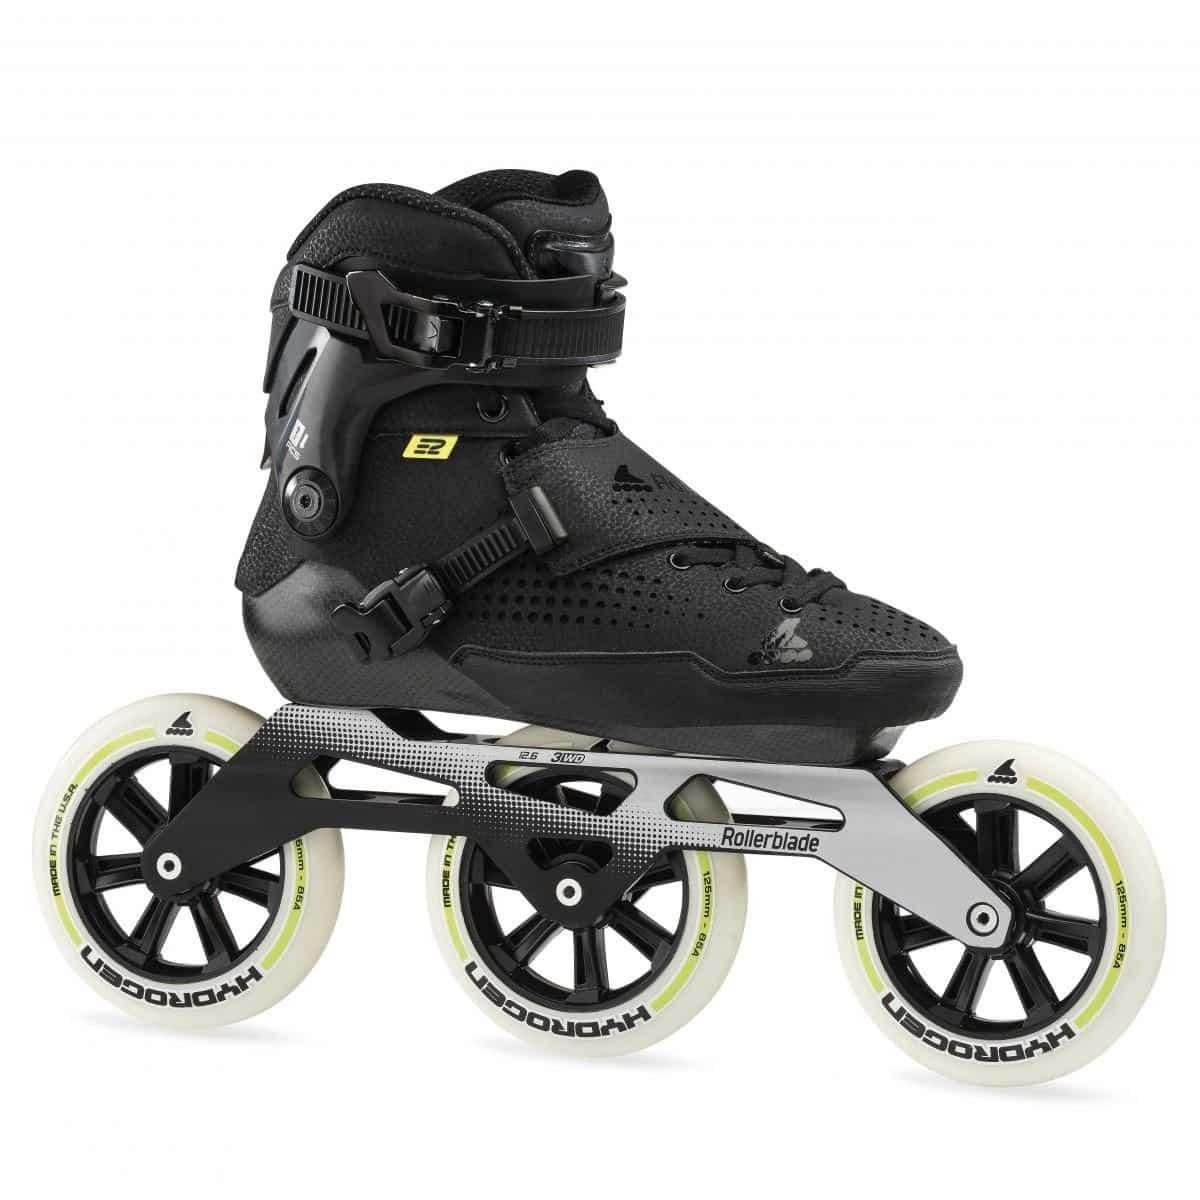 Rollerblade E2 Pro 125